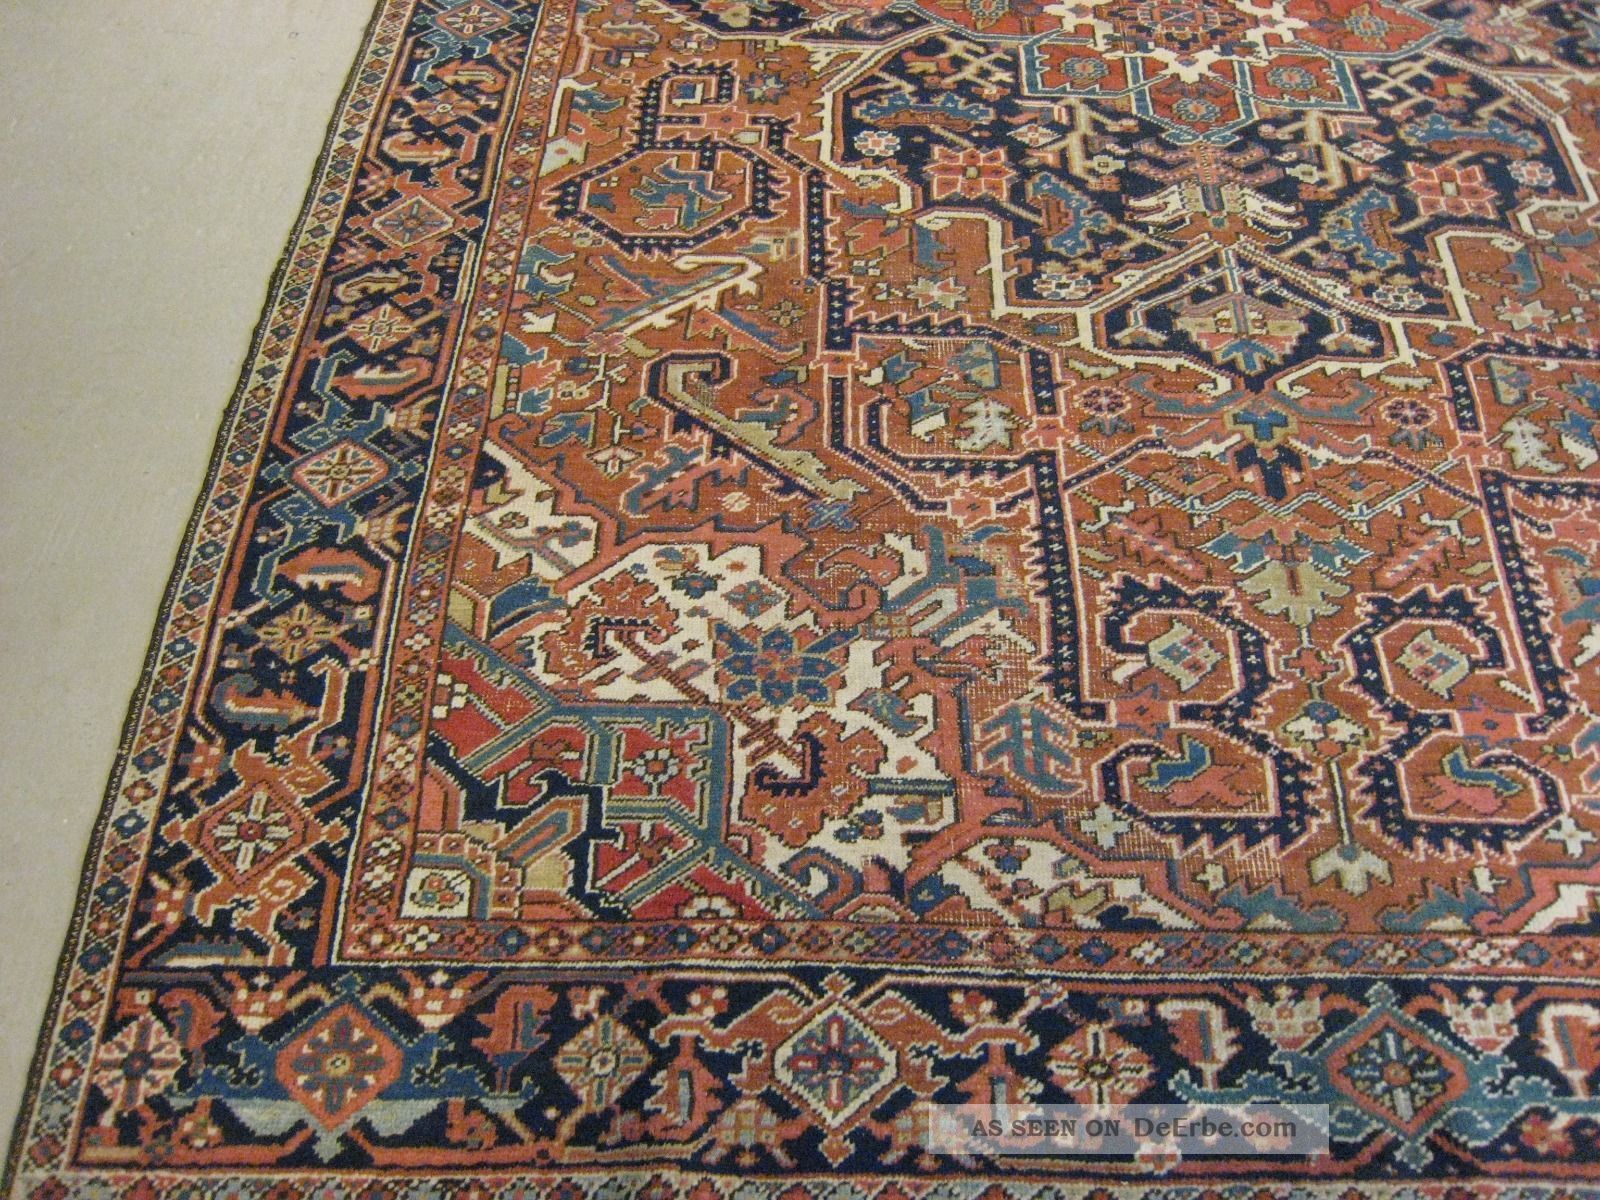 Orientteppich antik haus deko ideen - Orientteppich ebay kleinanzeigen ...